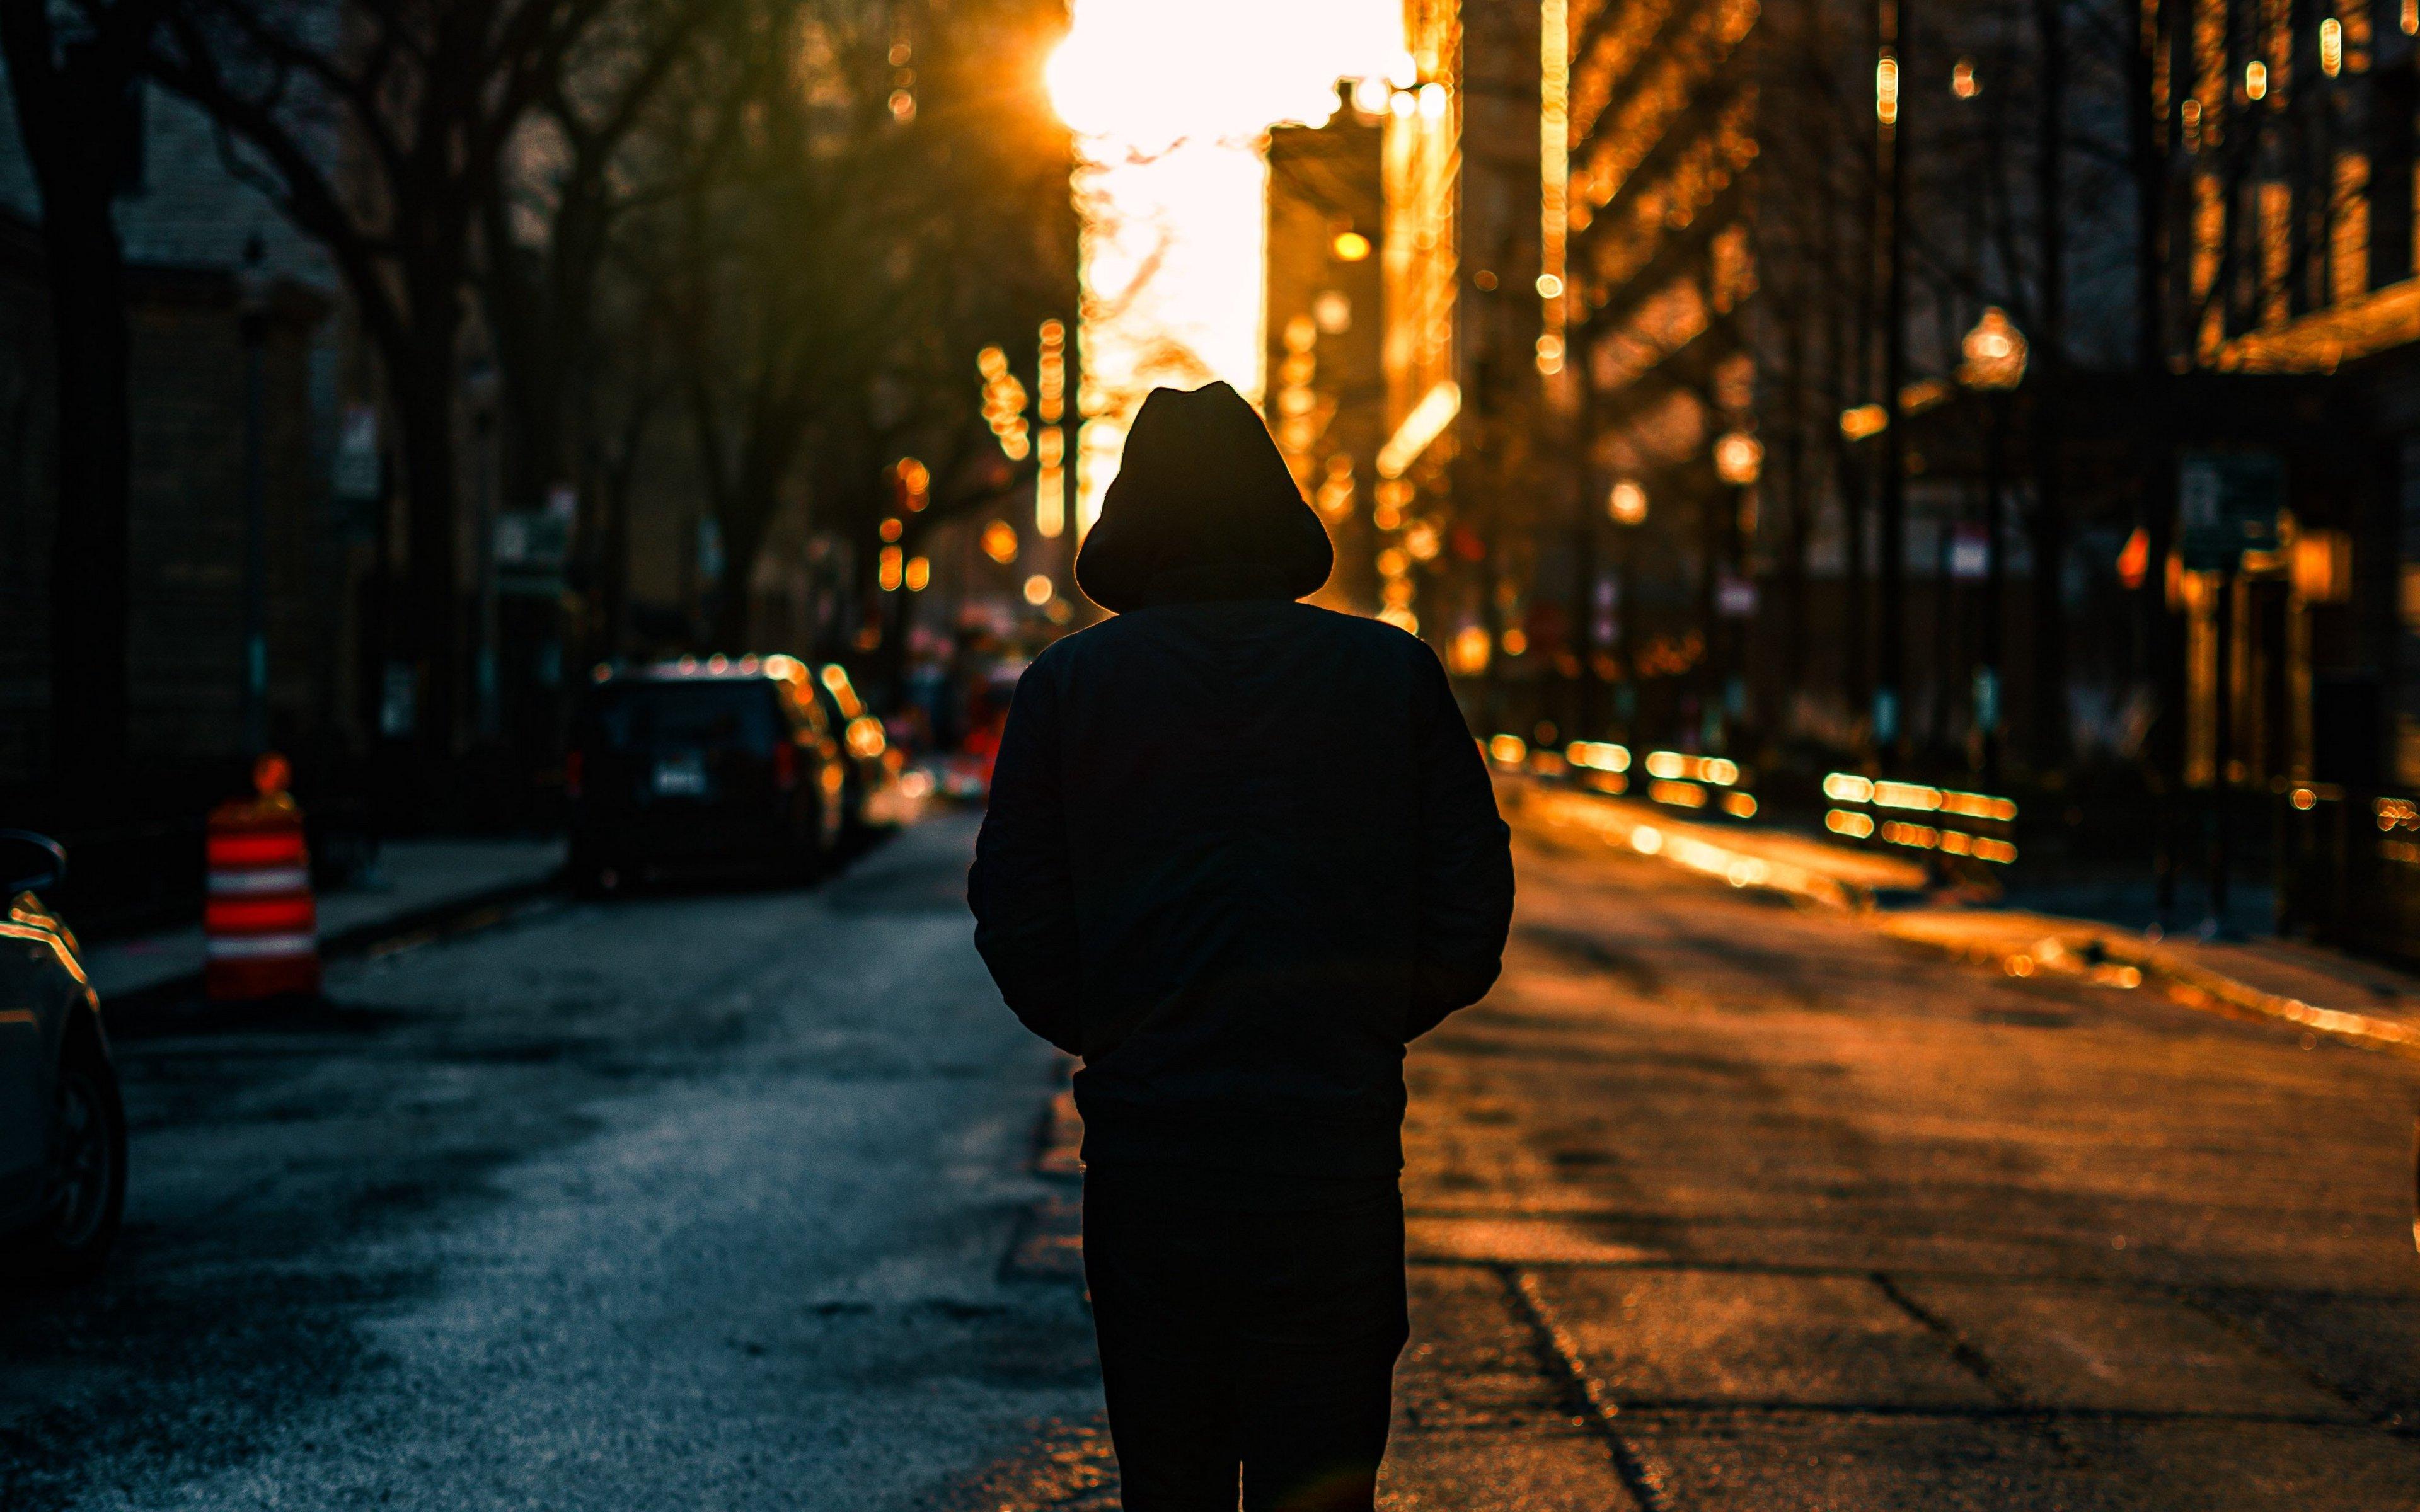 дачных картинка одинокий парень в капюшоне добежал